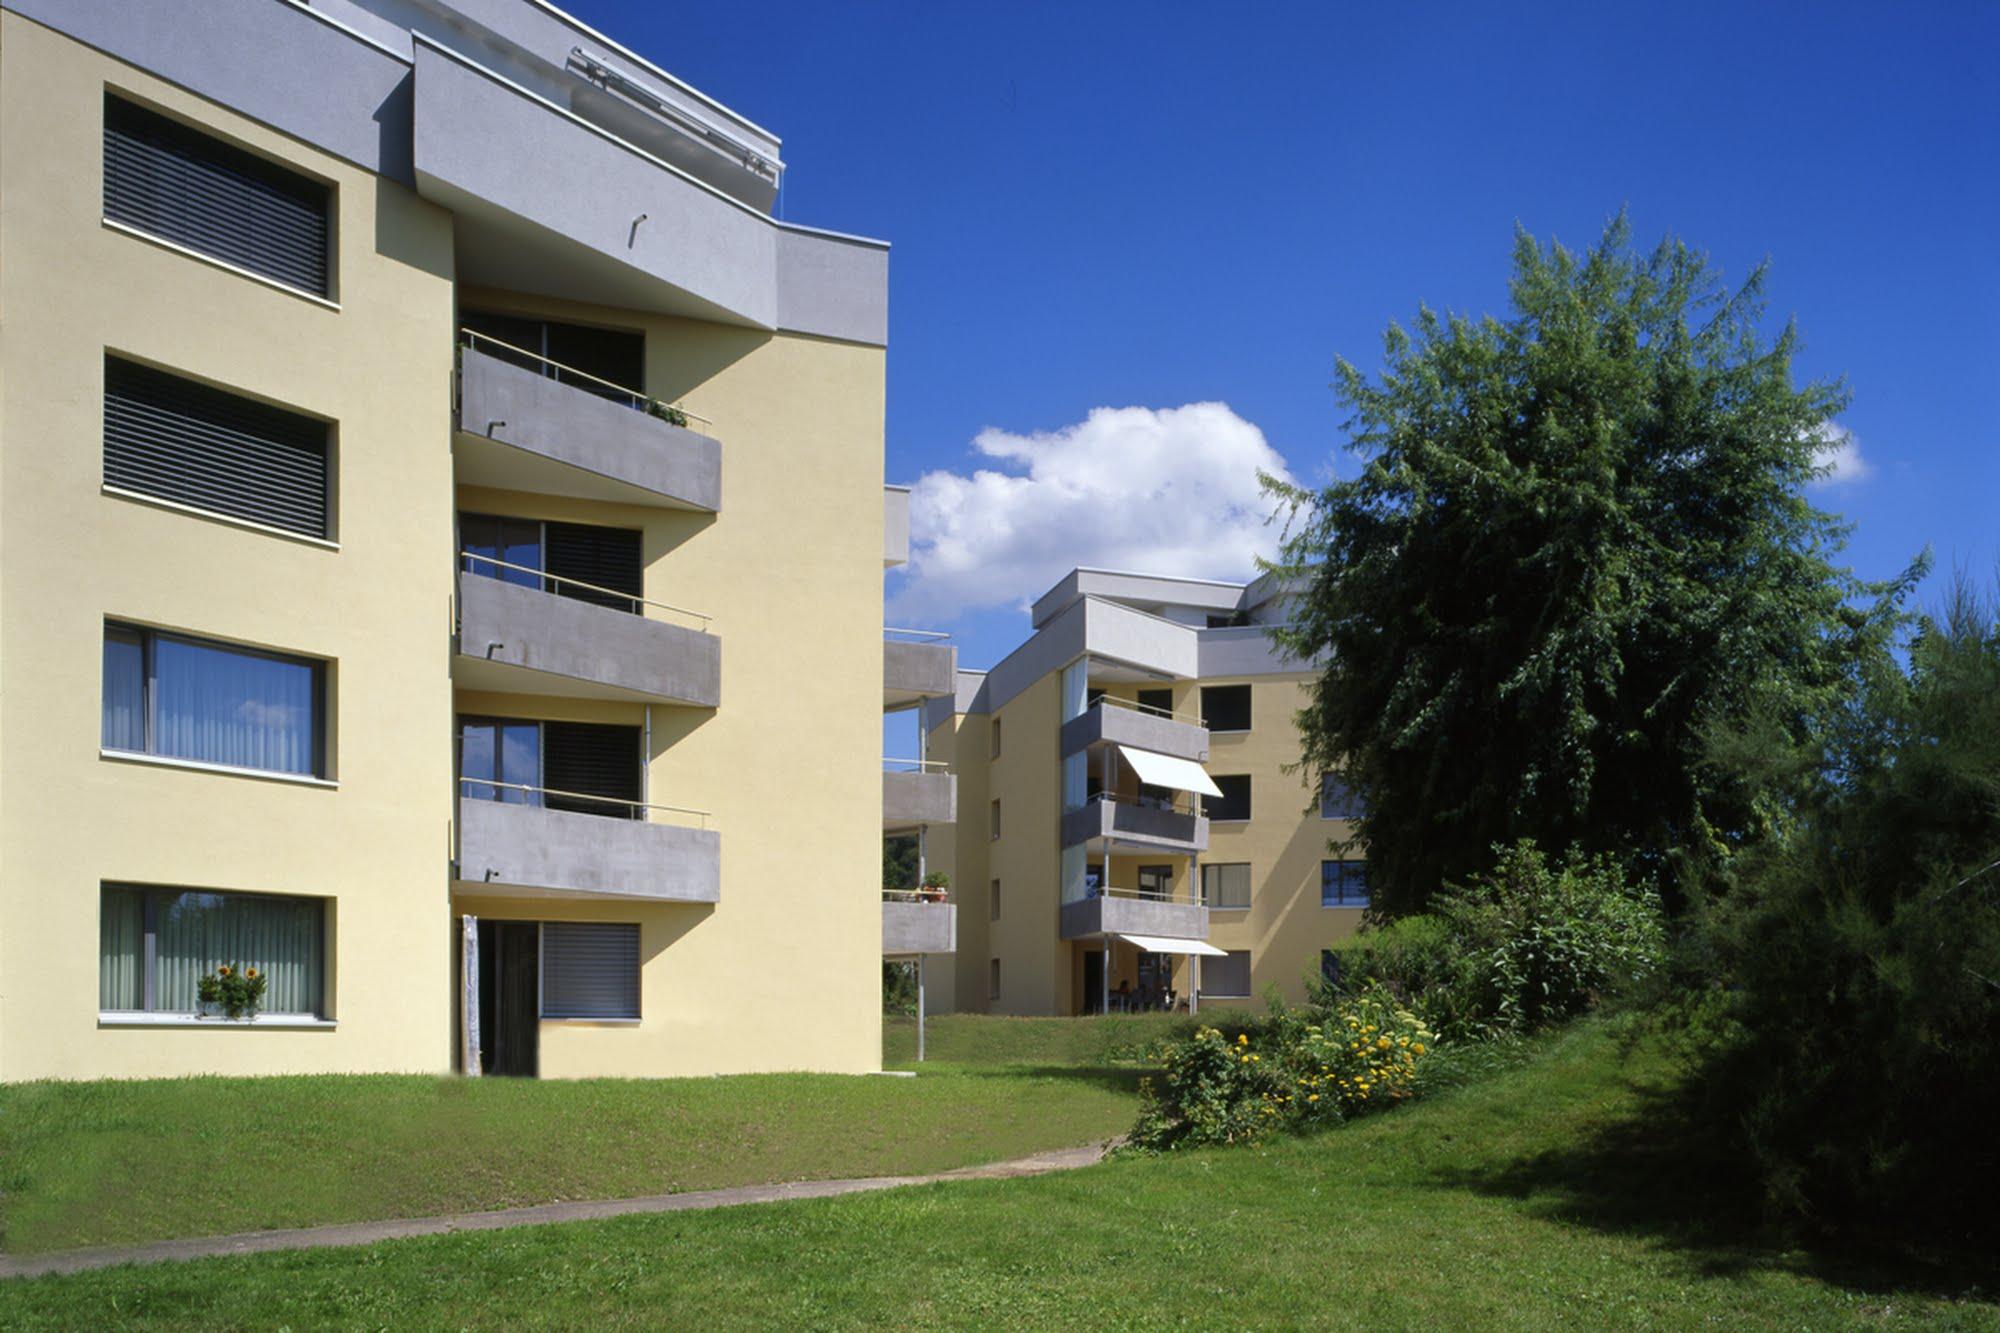 Wohnen MFH Sanierung fünf MFH in Schenkon Architektur,Wohnungsbau,Wohnhäuser,Einfamilienhäuser,Mehrfamilienhäuser